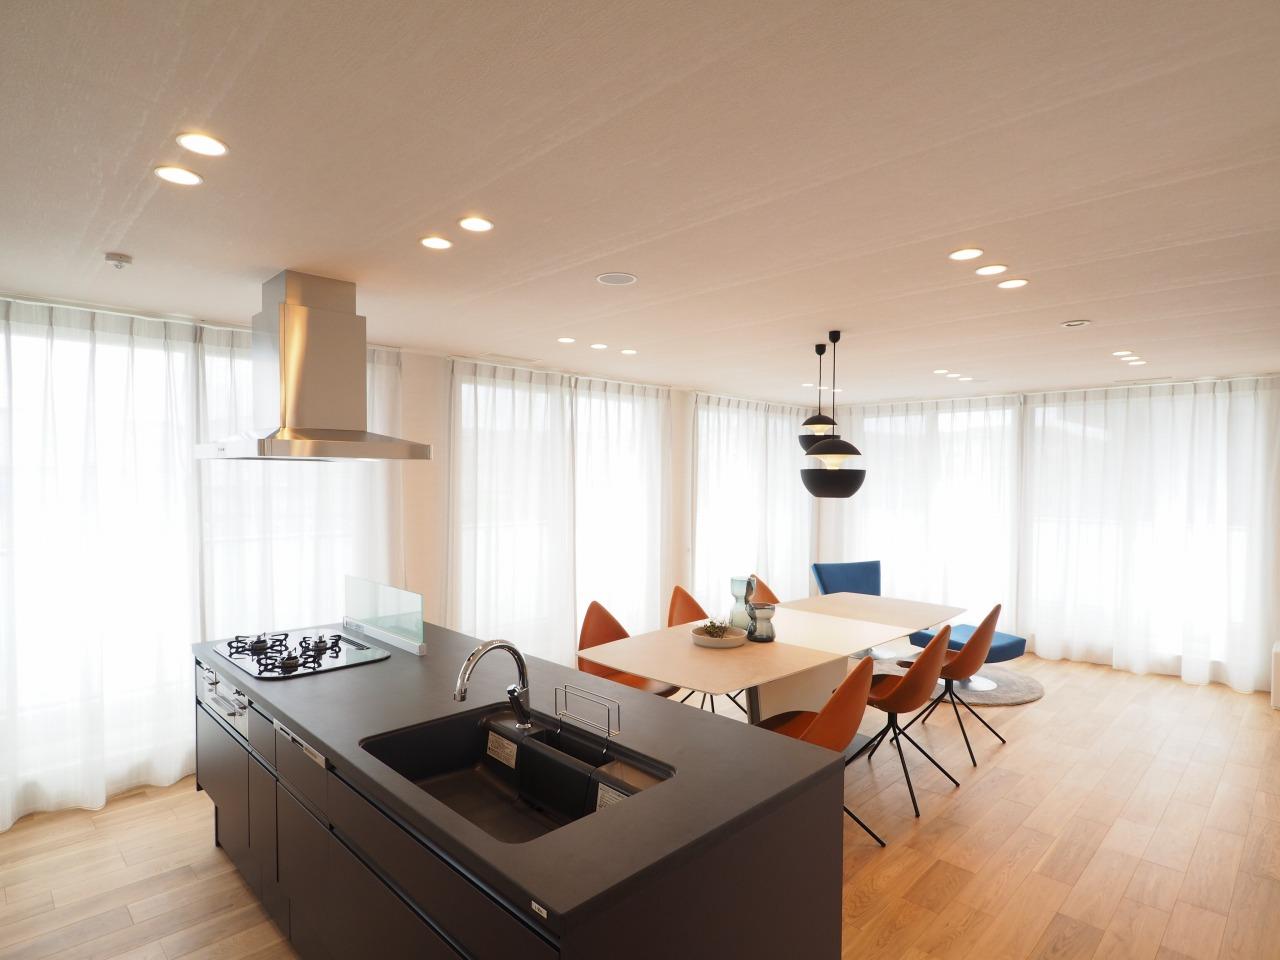 モデルハウス/住宅展示場情報:木津フロンテ263モデルハウスのスライダー用サムネイル画像